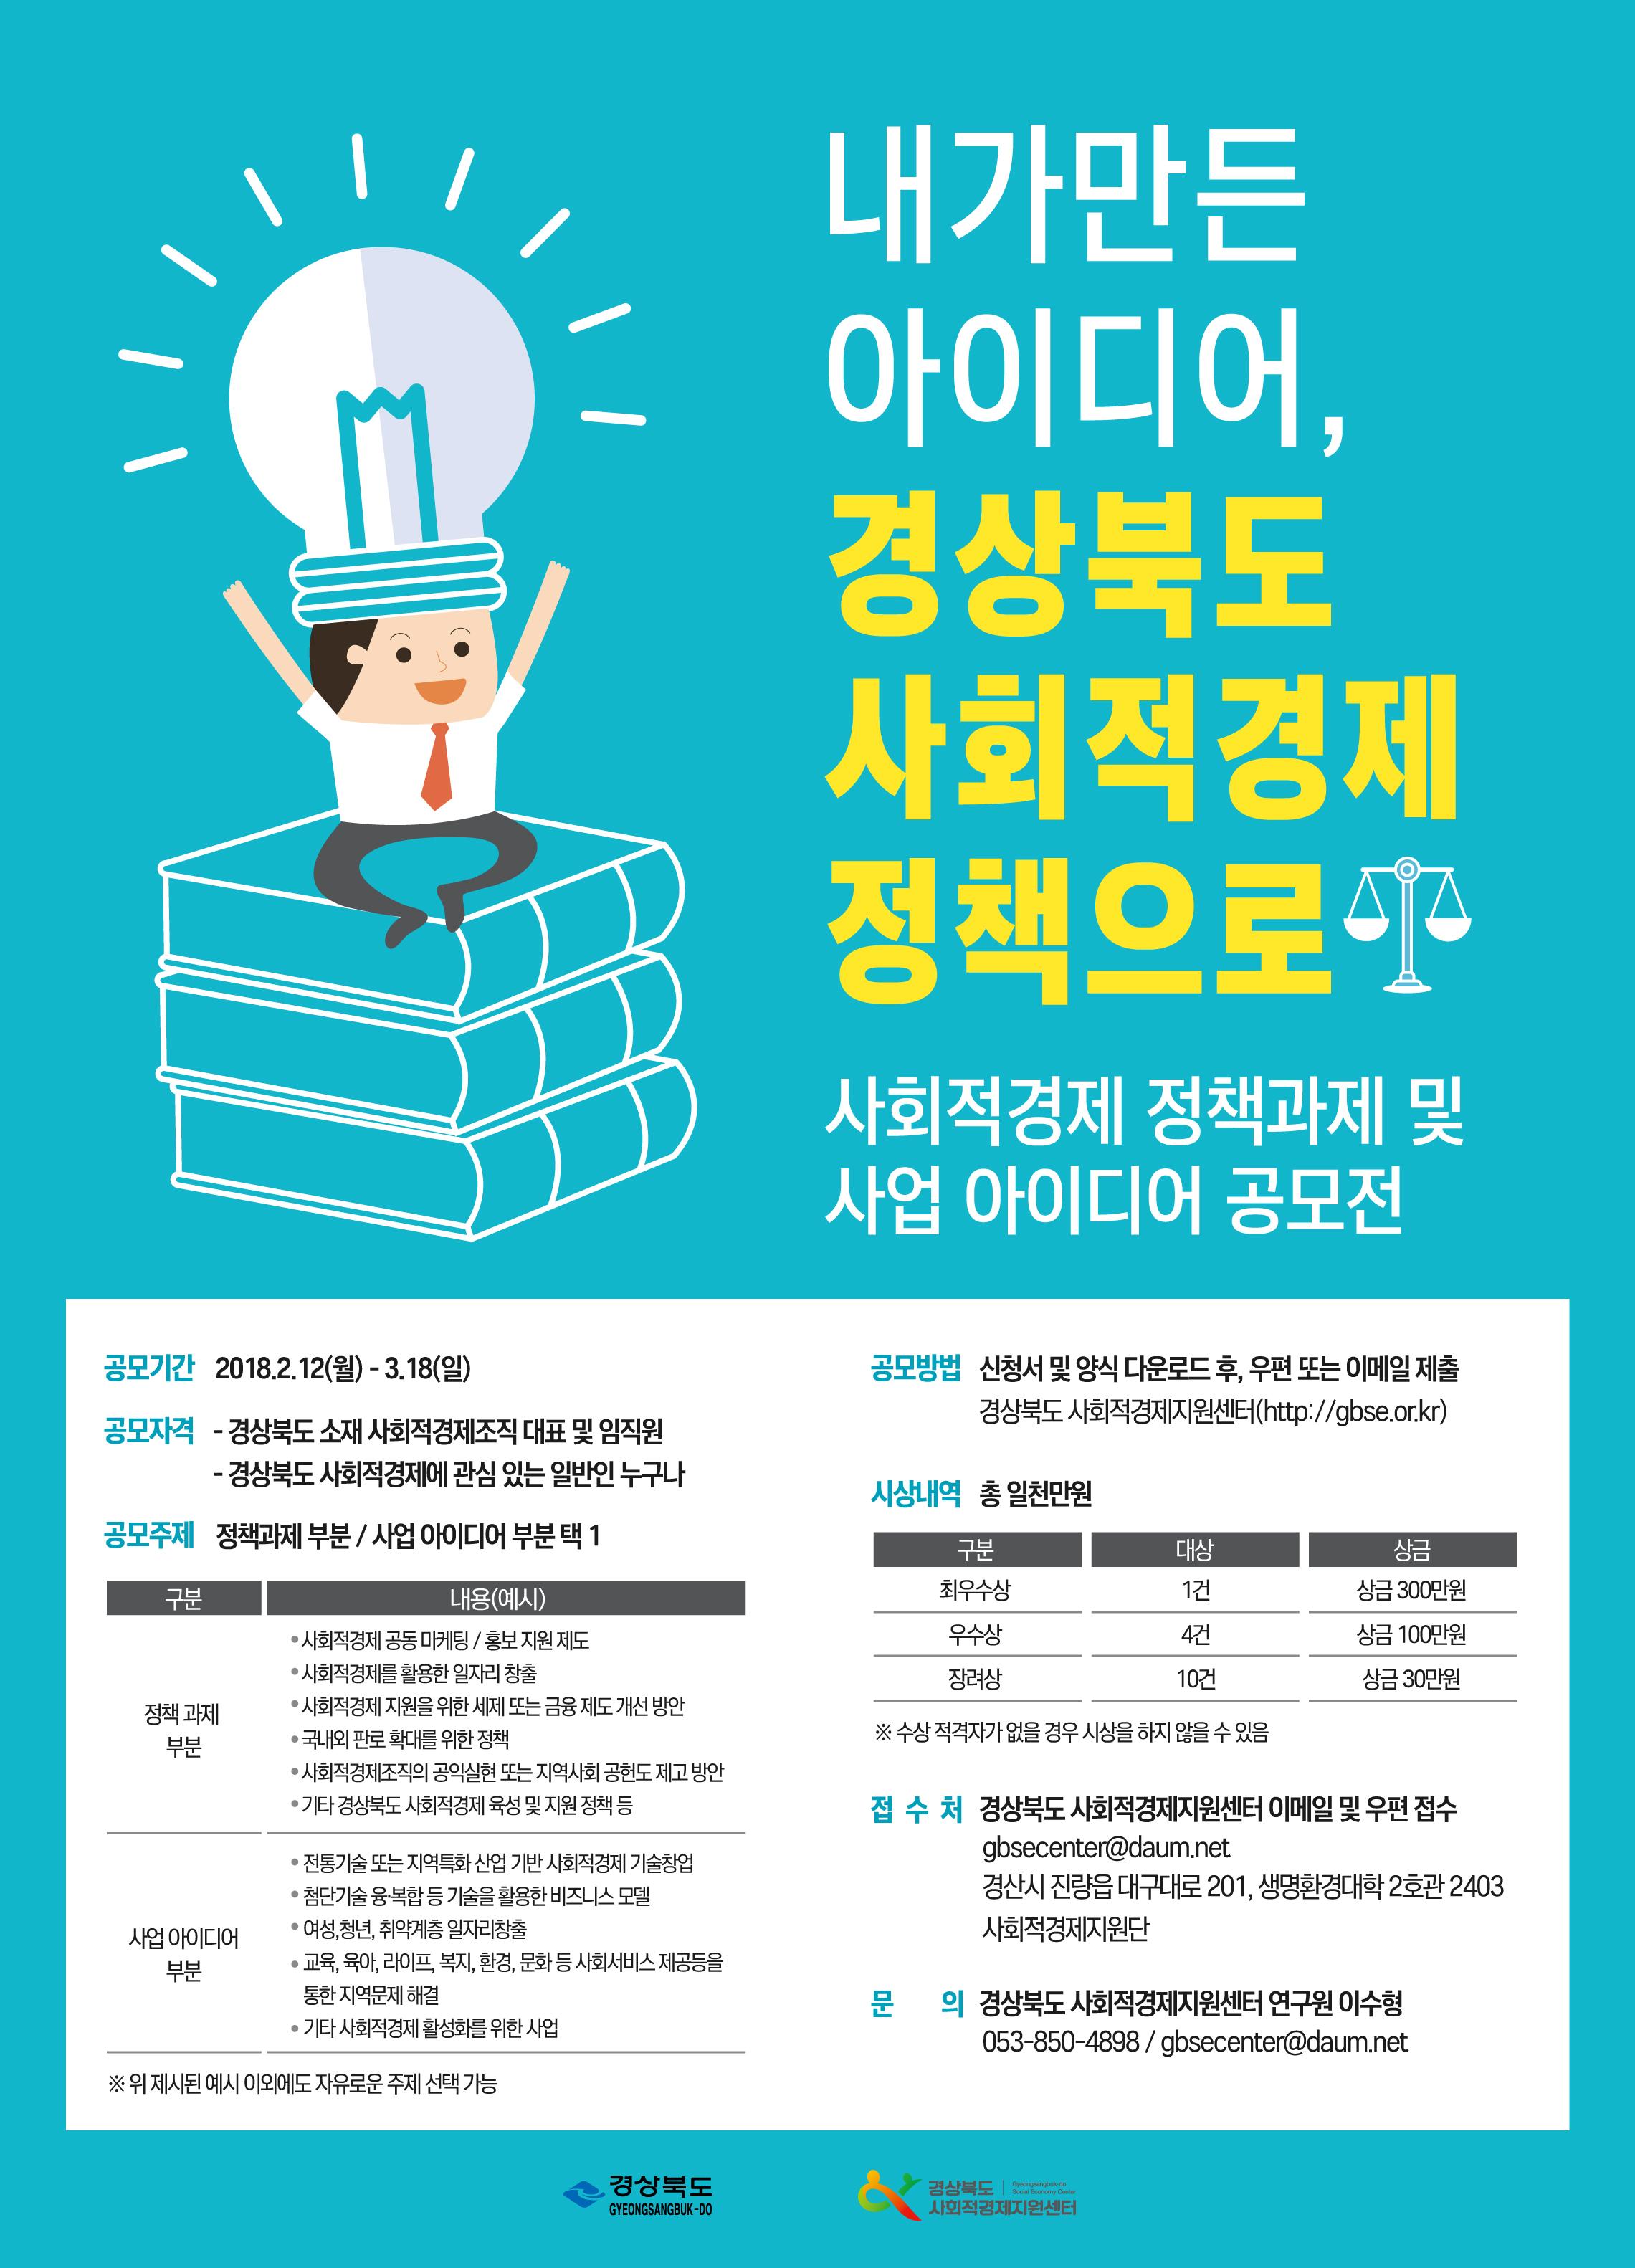 사회적경제 정책과제 및 사업 아이디어 공모전 웹 포스터.jpg